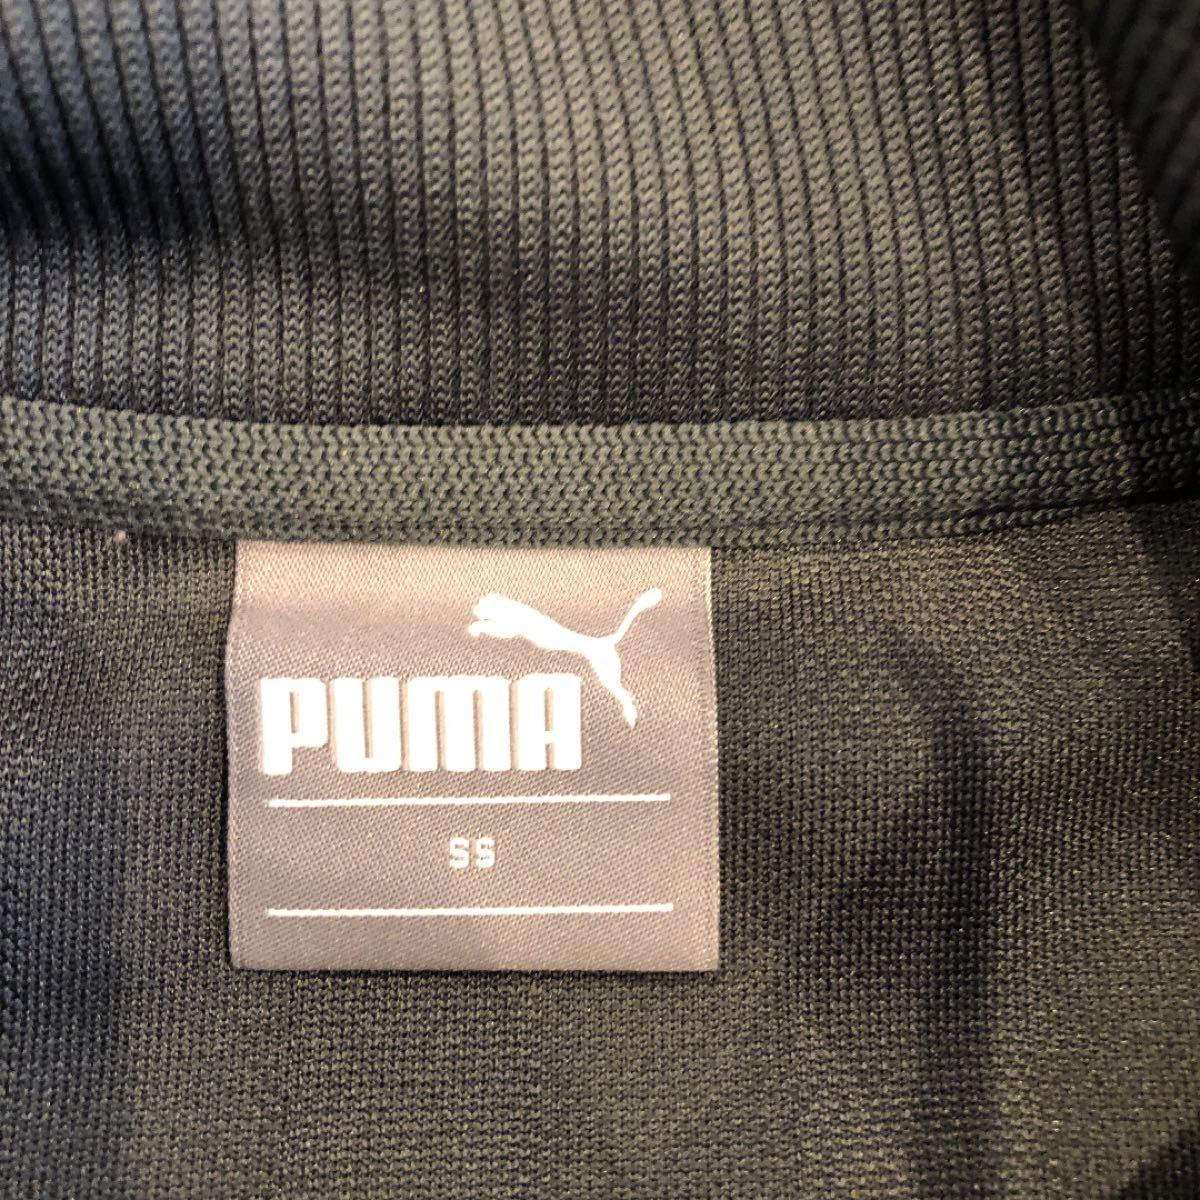 PUMAプーマ ジャージ復刻版SSサイズ グレー&ピンク 即購入OK 希少